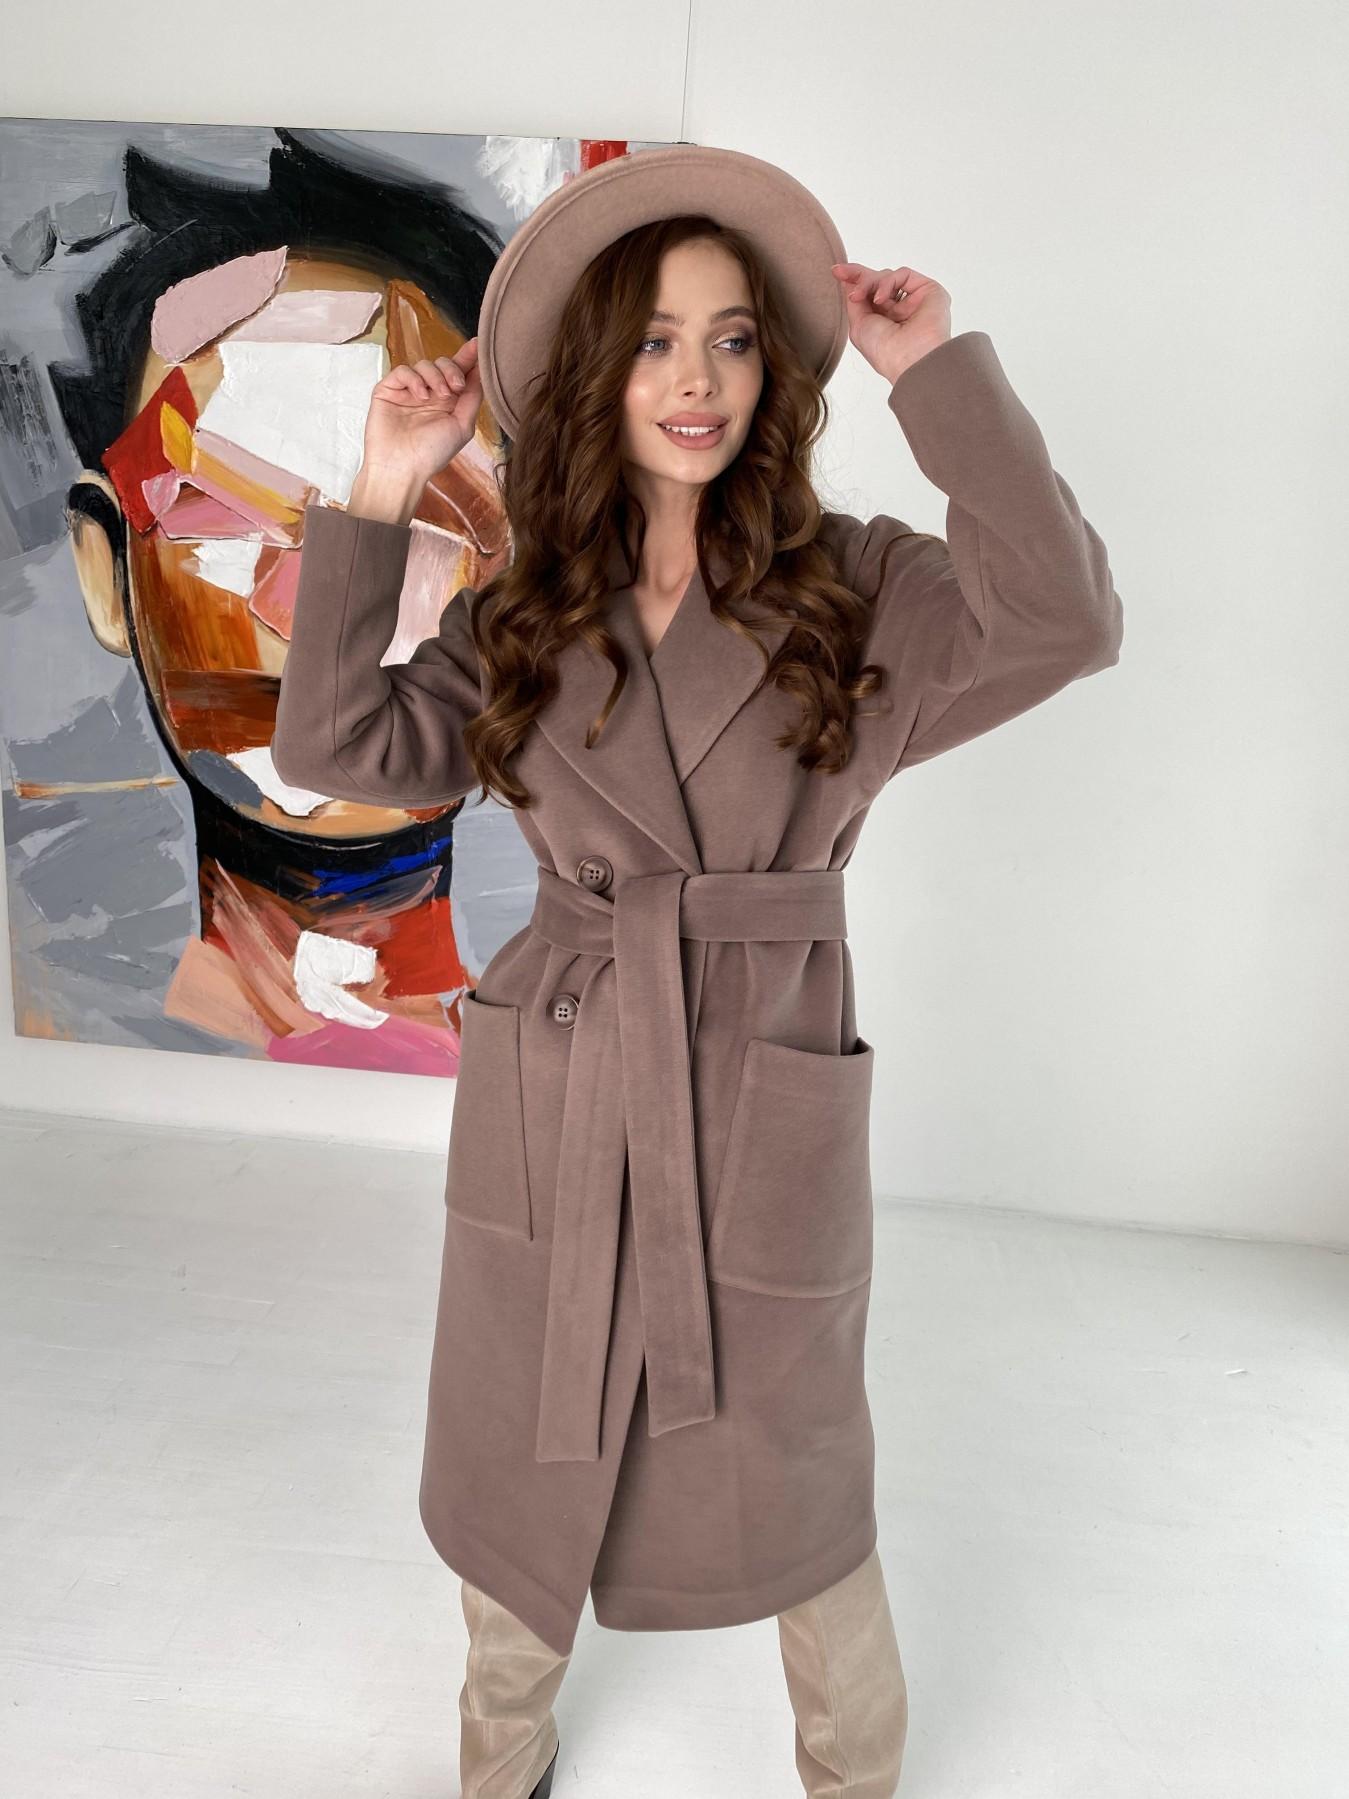 Купить демисезонное пальто от ТМ Modus Свайп макси пальто из кашемира на трикотаже 10619